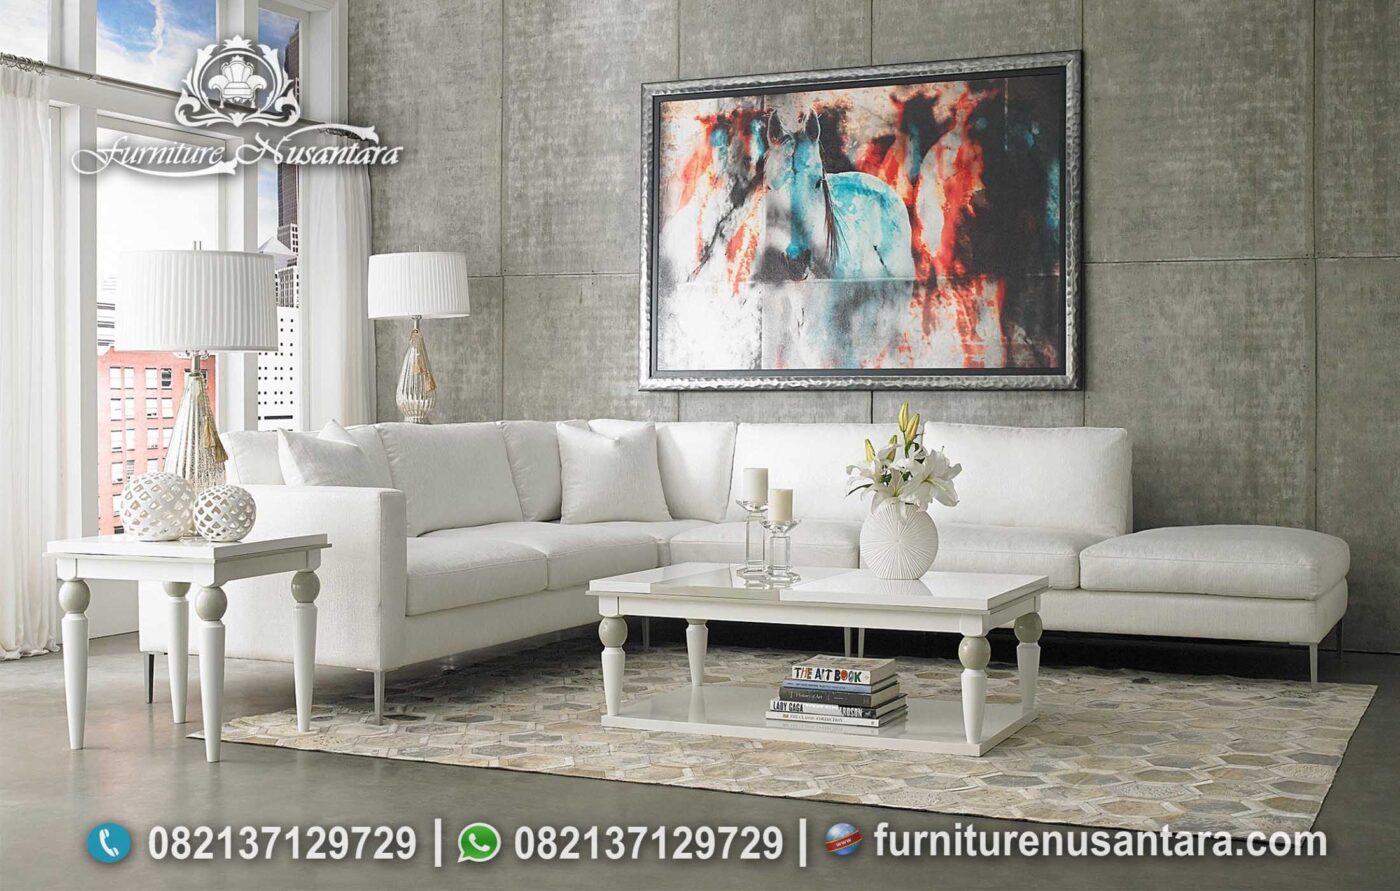 New Model Sofa L Modern Putih Terbaik ST-82, Furniture Nusantara